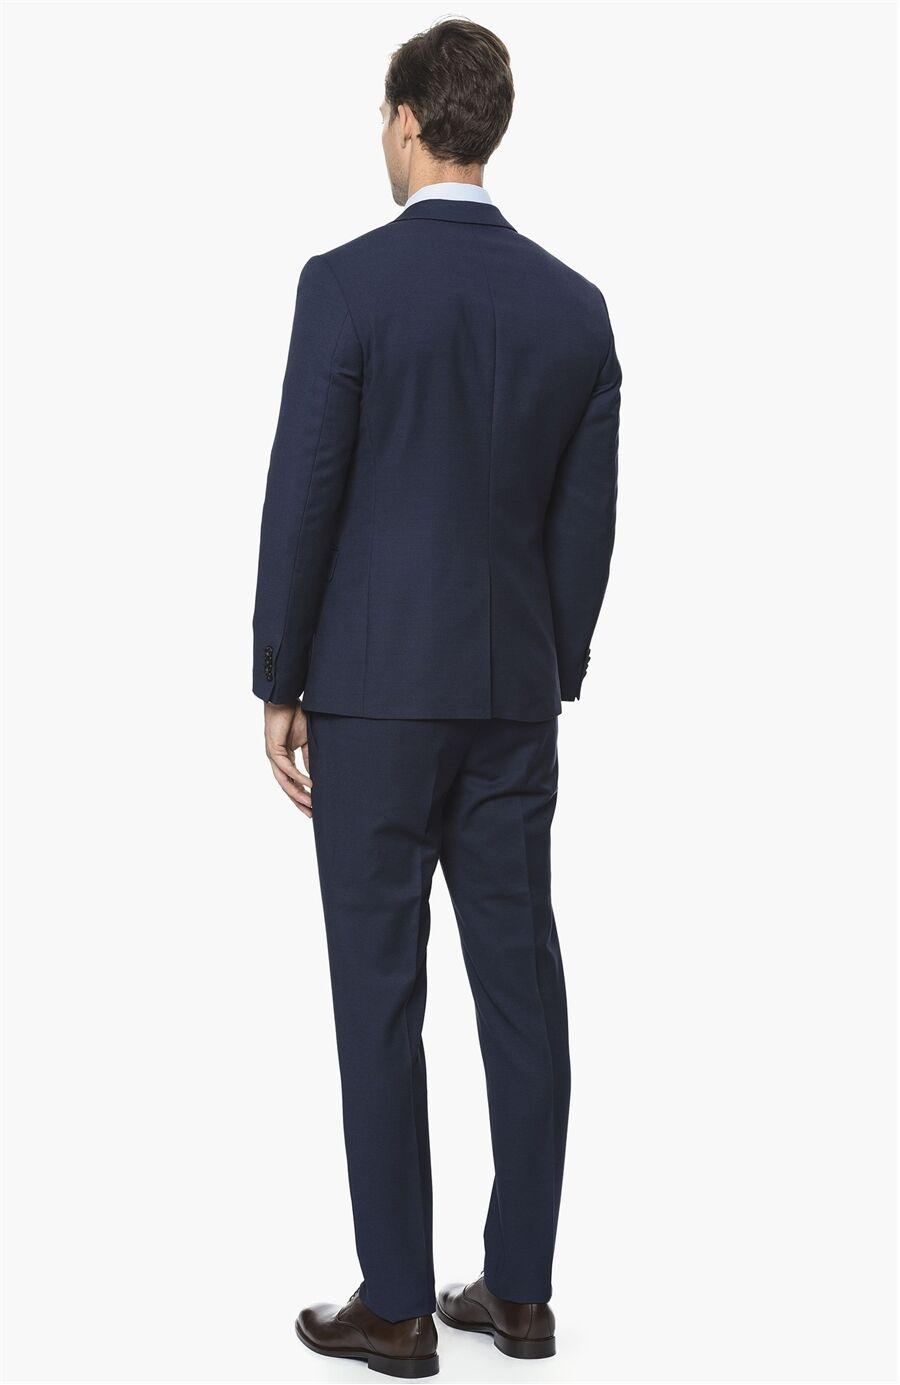 Mikro Slım Fit Lacivert Saks Takım Elbise